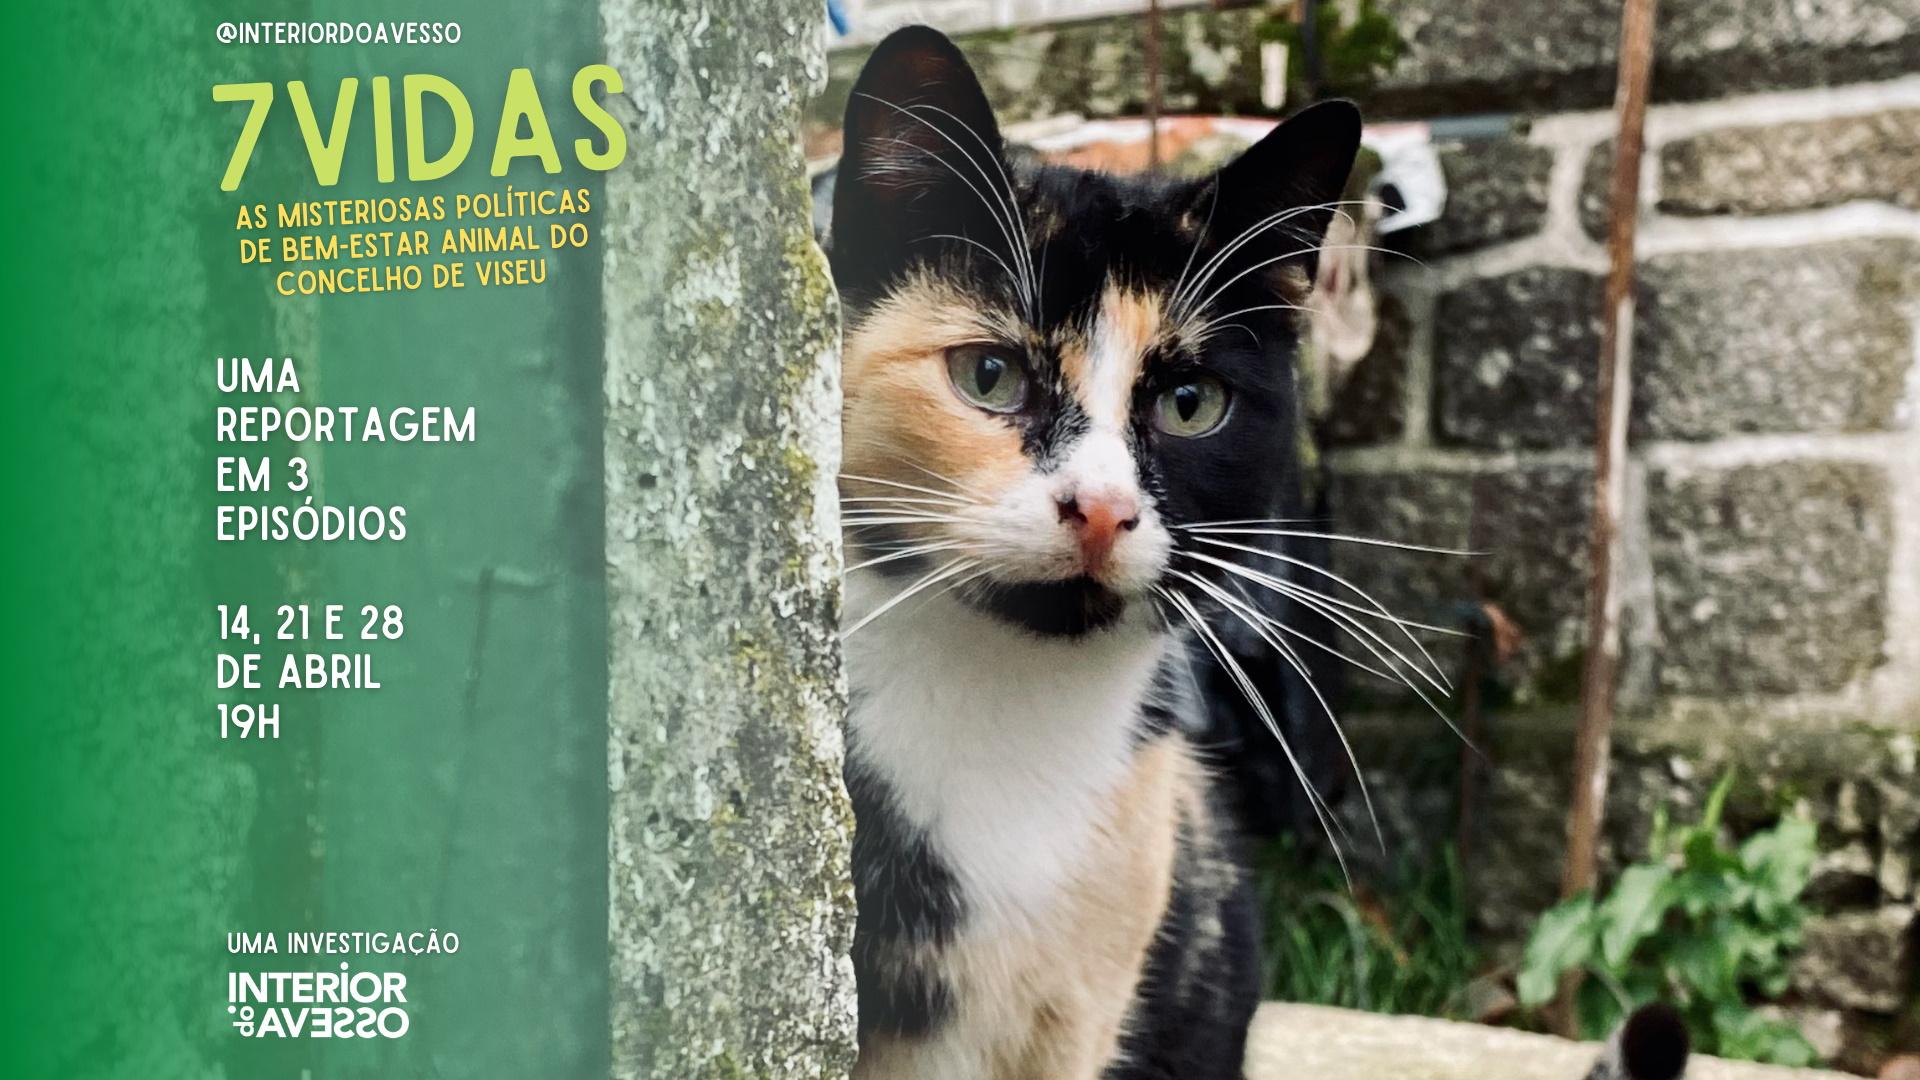 7 VIDAS: As misteriosas políticas de bem-estar animal do concelho de Viseu